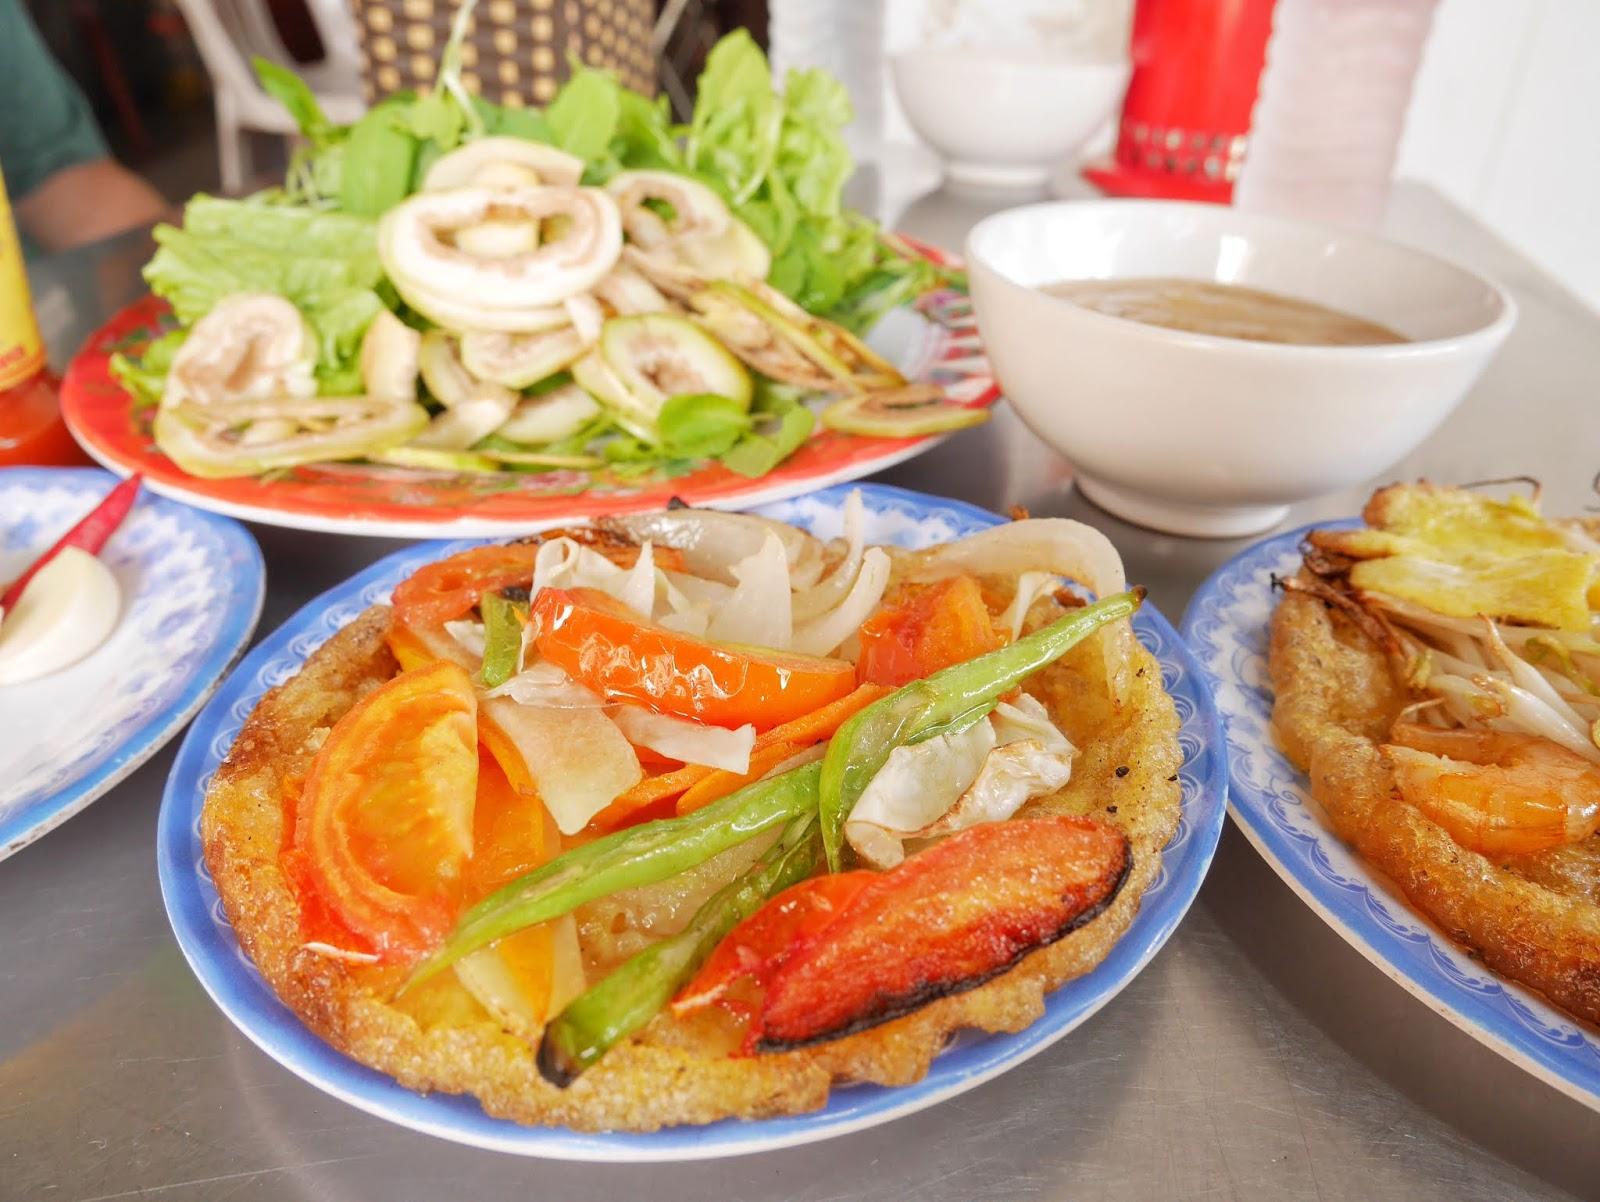 Vegetarian Banh Khoai or Banh Khoai Chay ,Hue, Vietnam